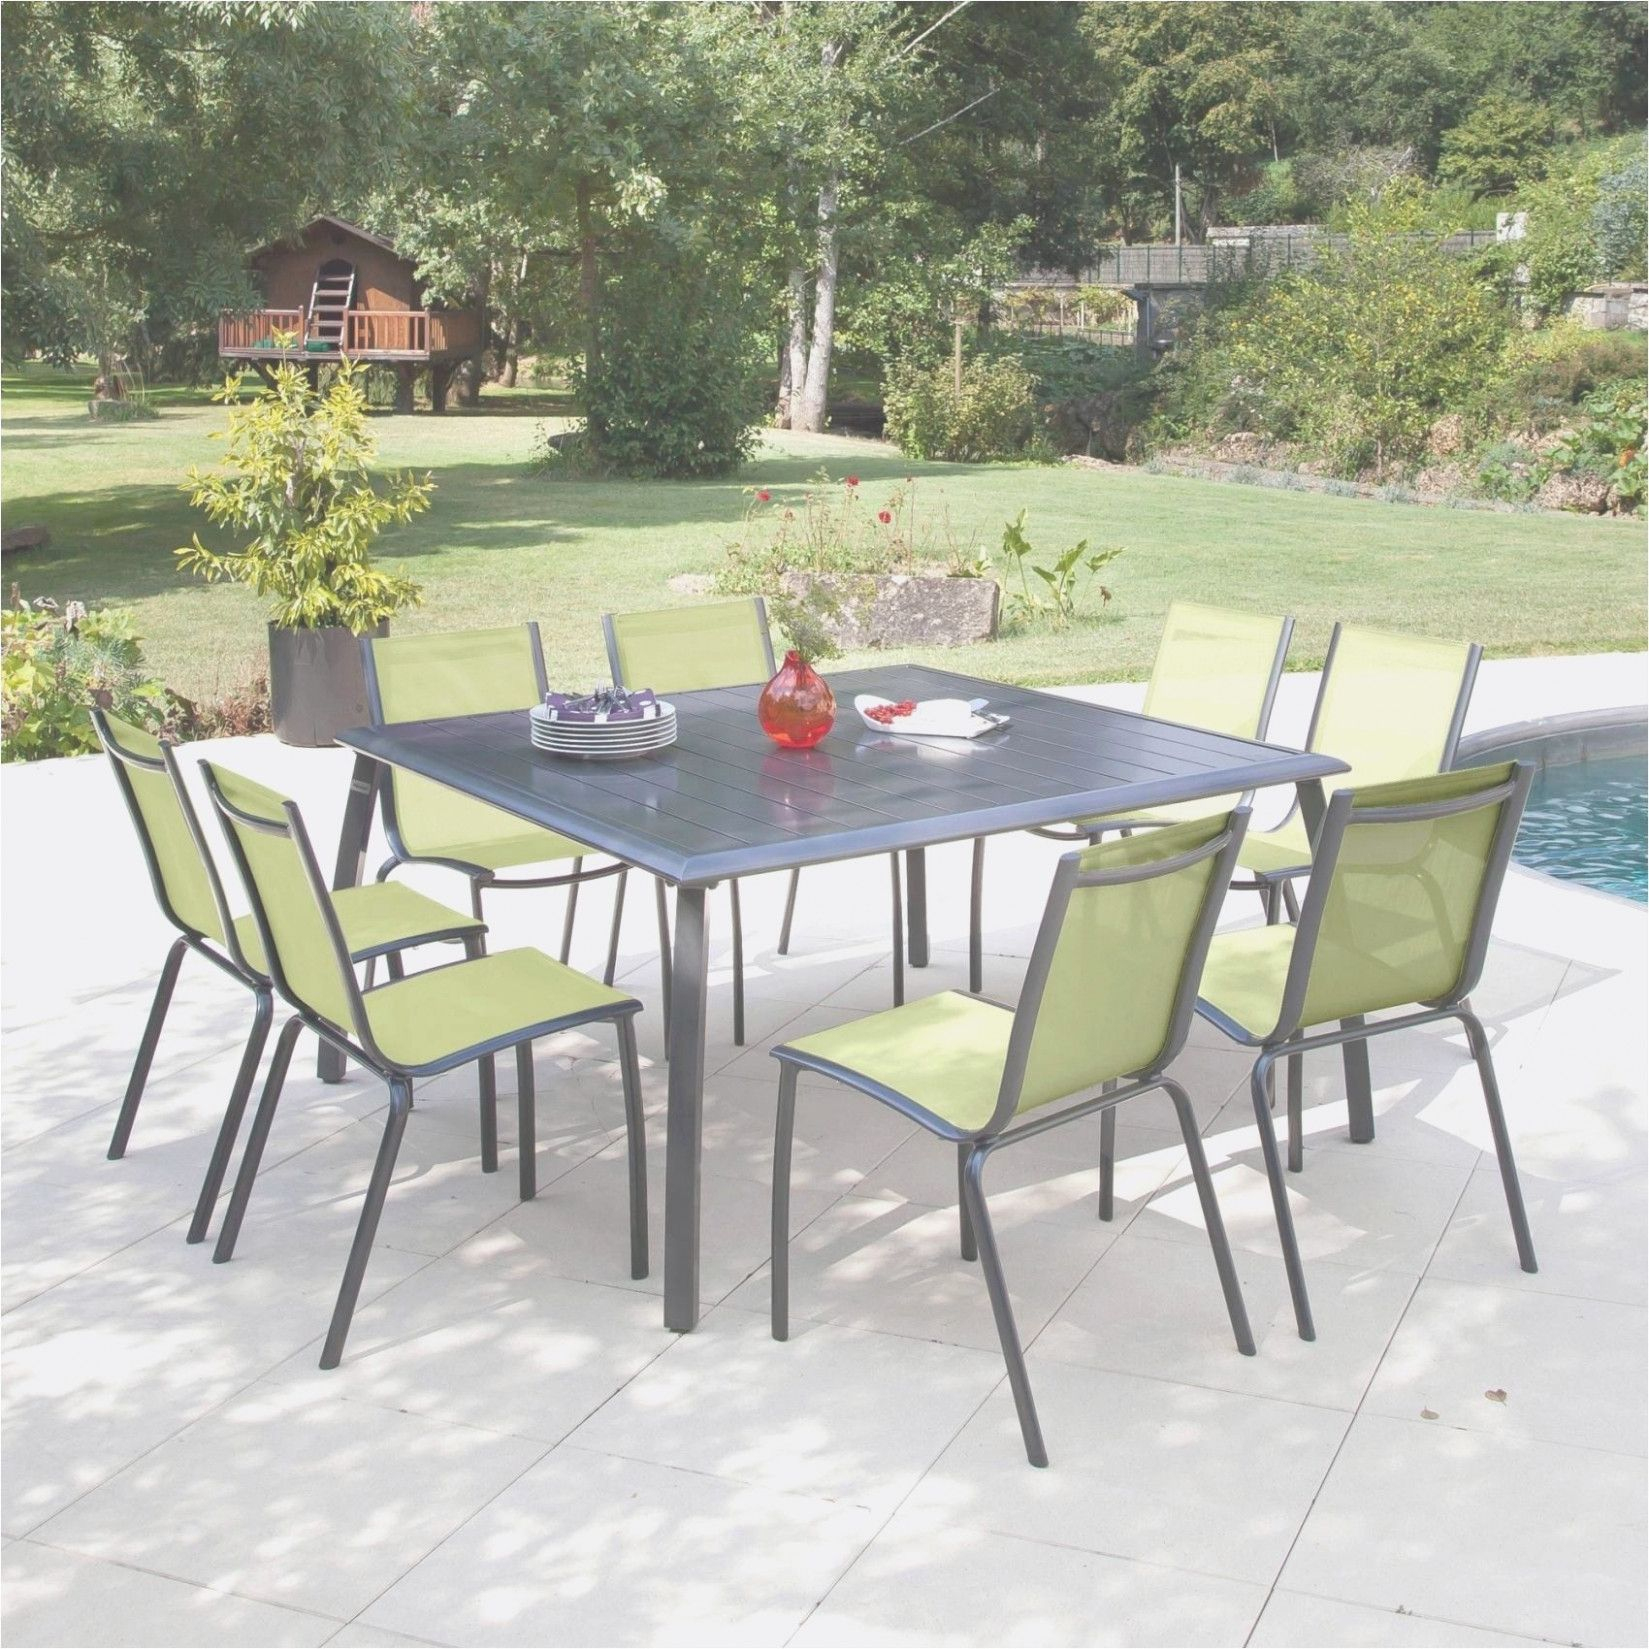 Salon De Jardin In 2020 | Outdoor Furniture Sets, Outdoor ... dedans Table Jardin Ikea Occasion